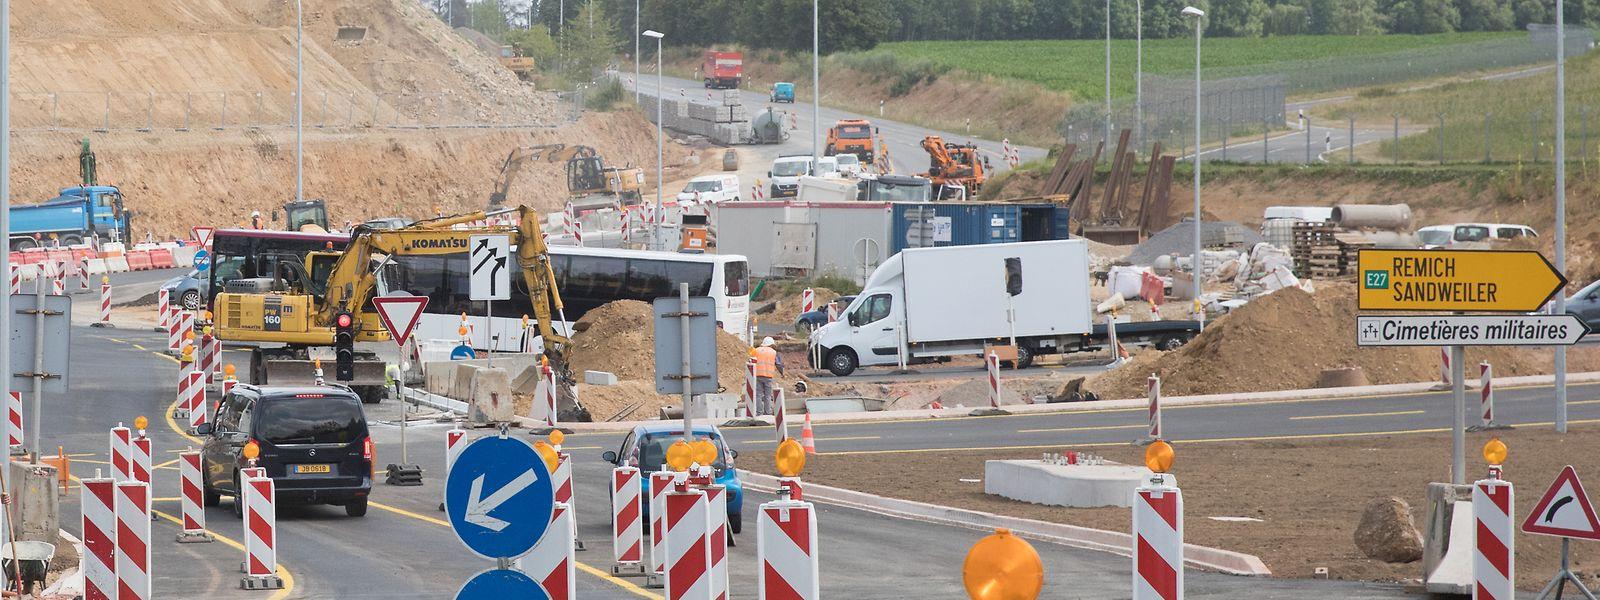 """Baustellengewusel am Kreisverkehr """"Iergäertchen"""". Die Straßenbauverwaltung koordiniert nicht nur die Instandhaltungsarbeiten auf der Autobahn, sondern auch auf den Nationalstraßen."""